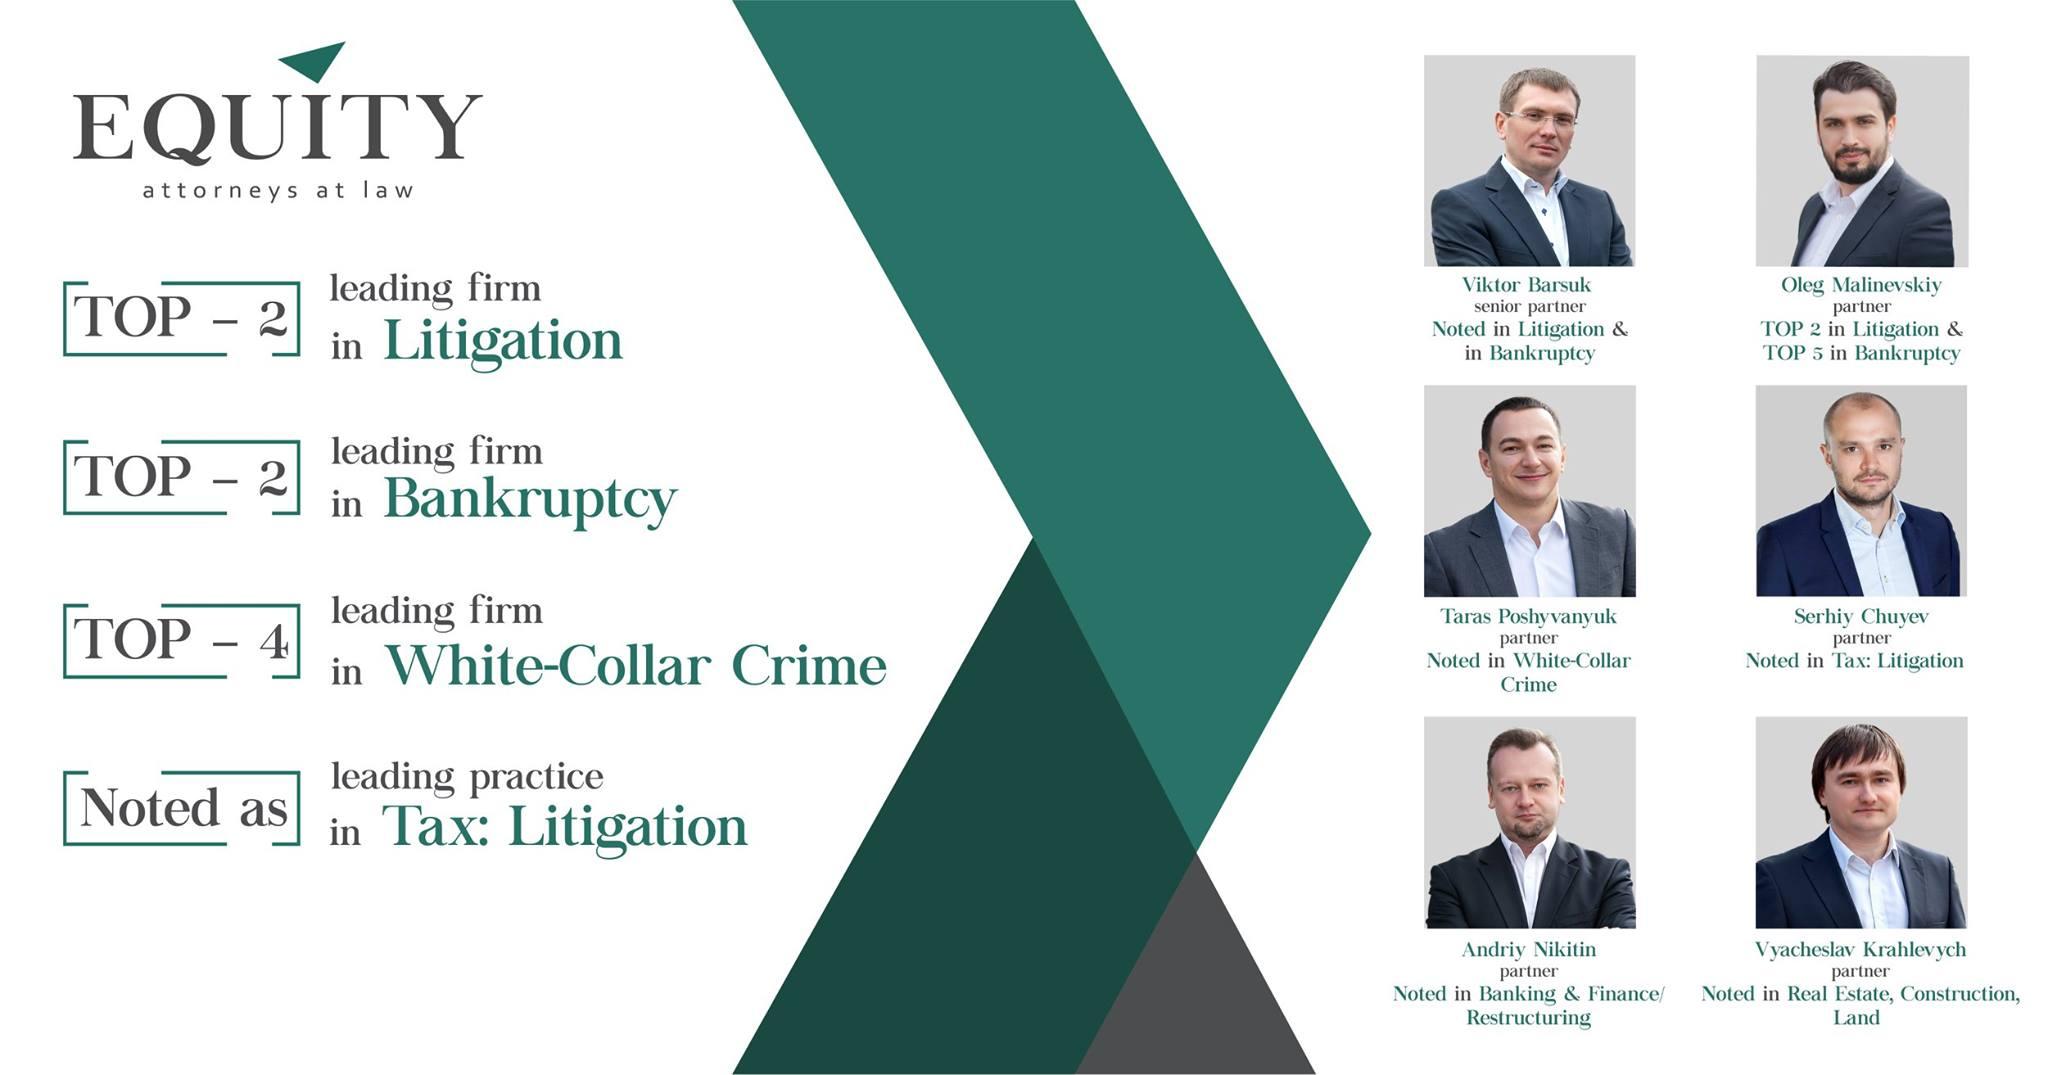 Обнародованы результаты ежегодного исследования Ukrainian Law Firms 2017!